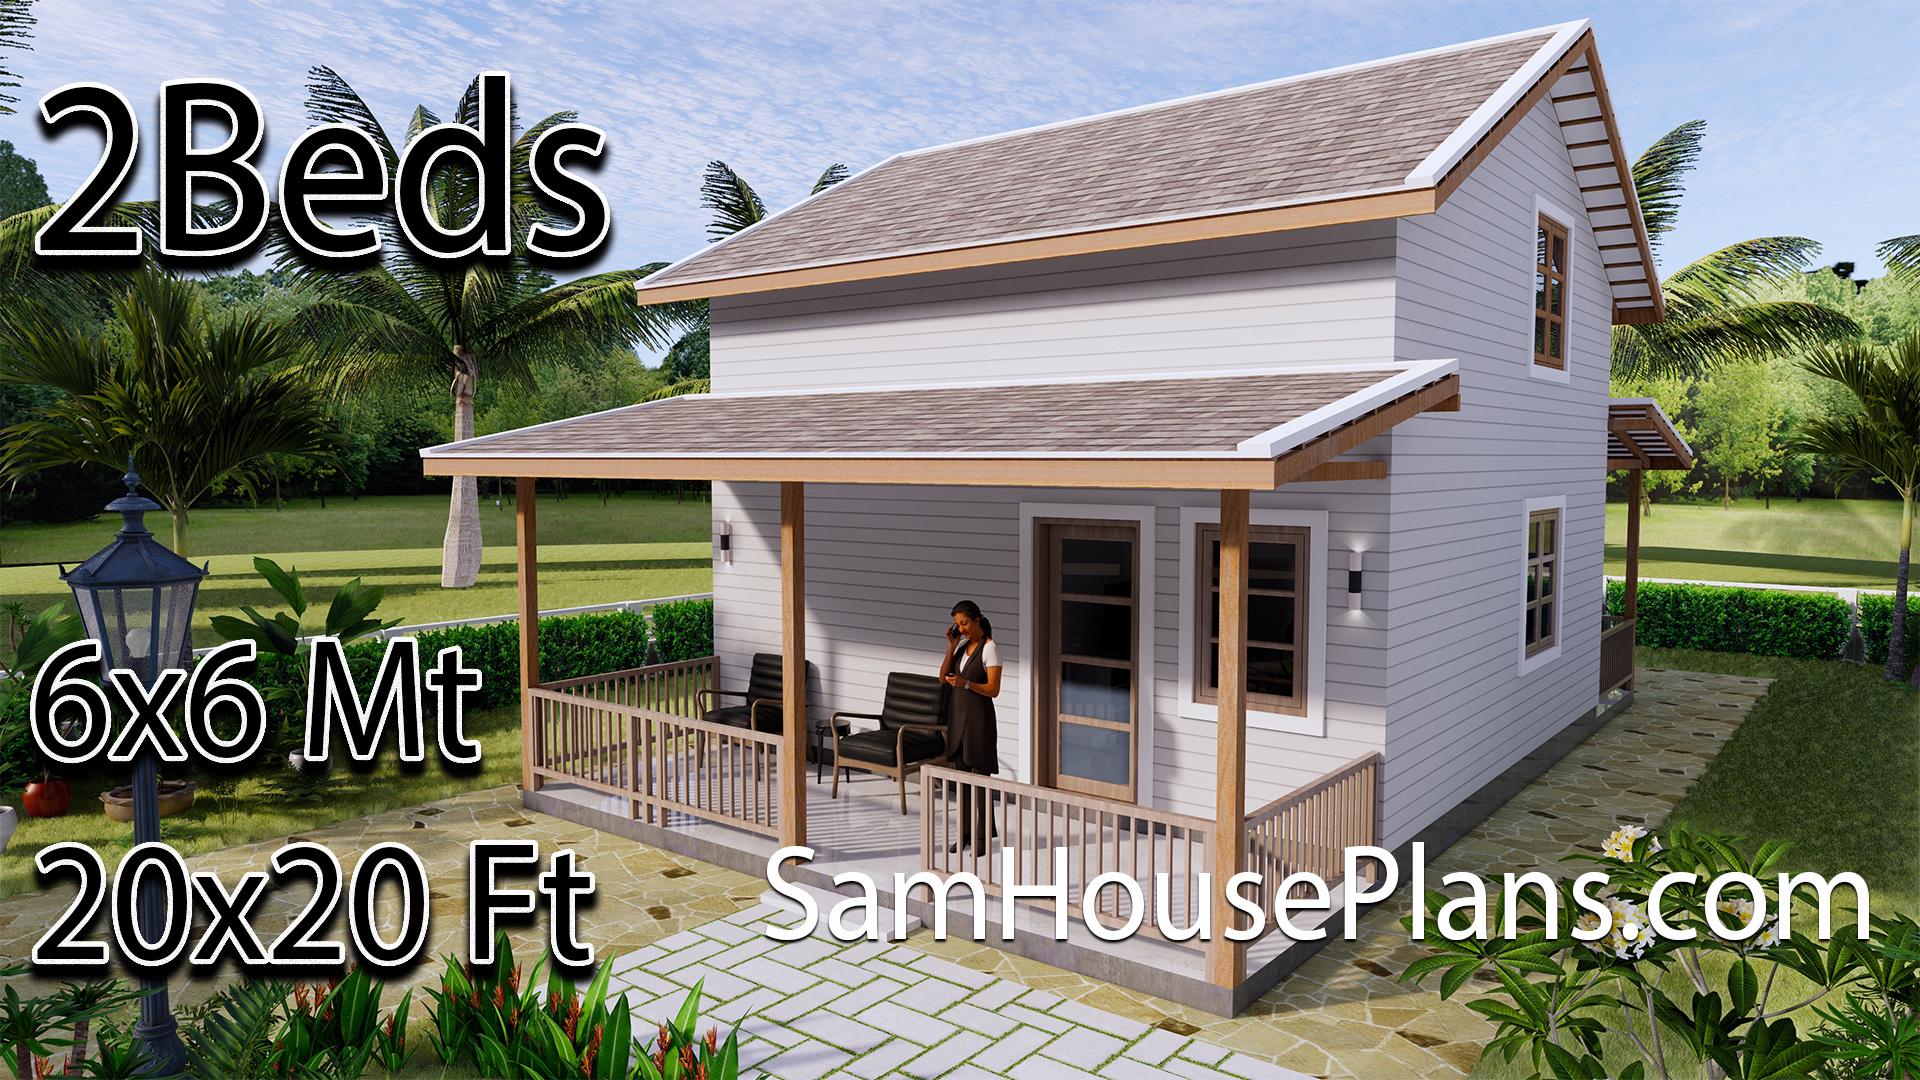 Simple House Plans 6x6 Mt 20x20 Ft Gable Roof Samhouseplans